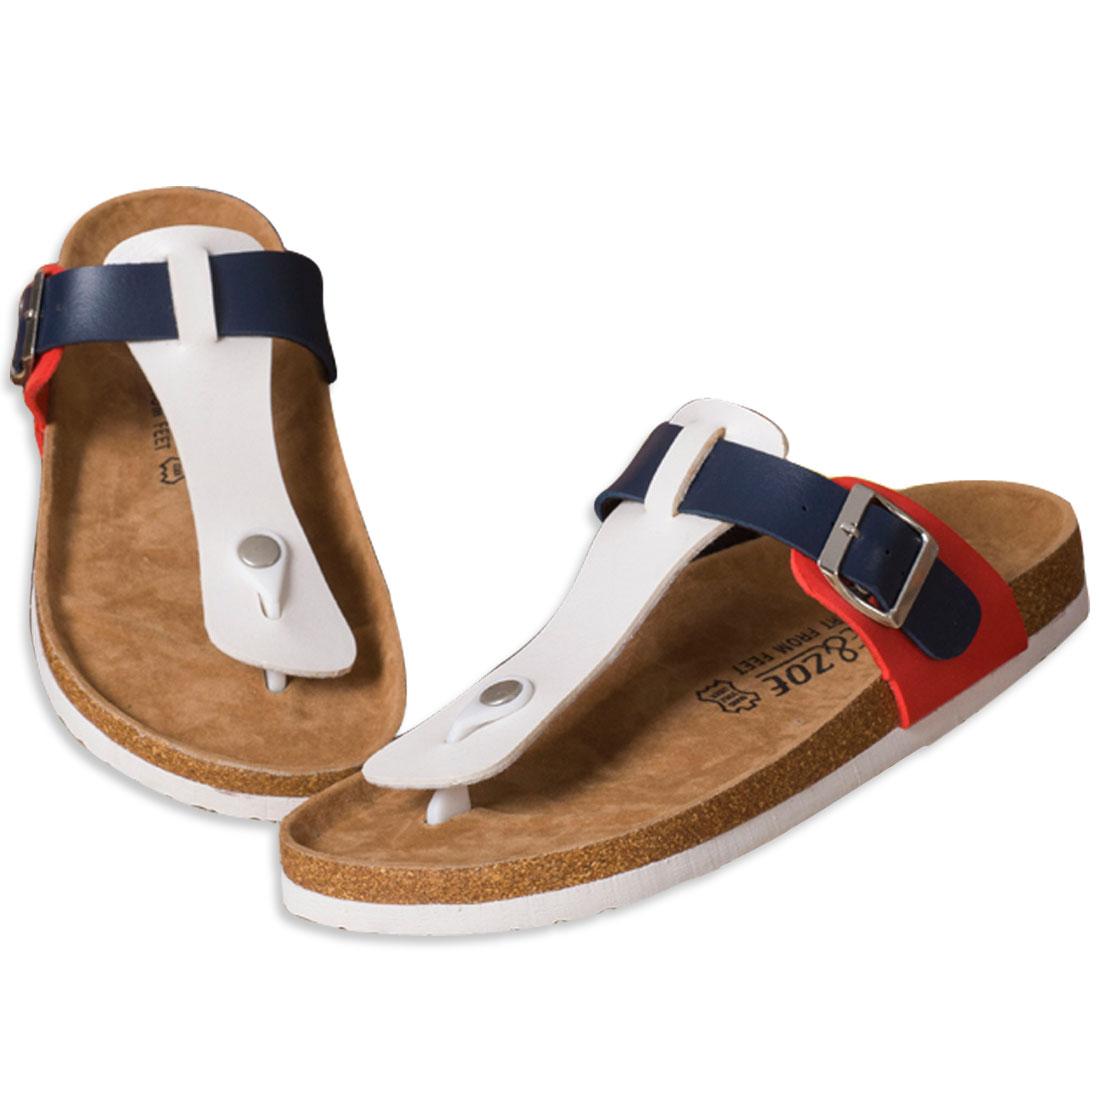 Men Classic Strap Style Color Block Sandal 6.5 US Size White Blue